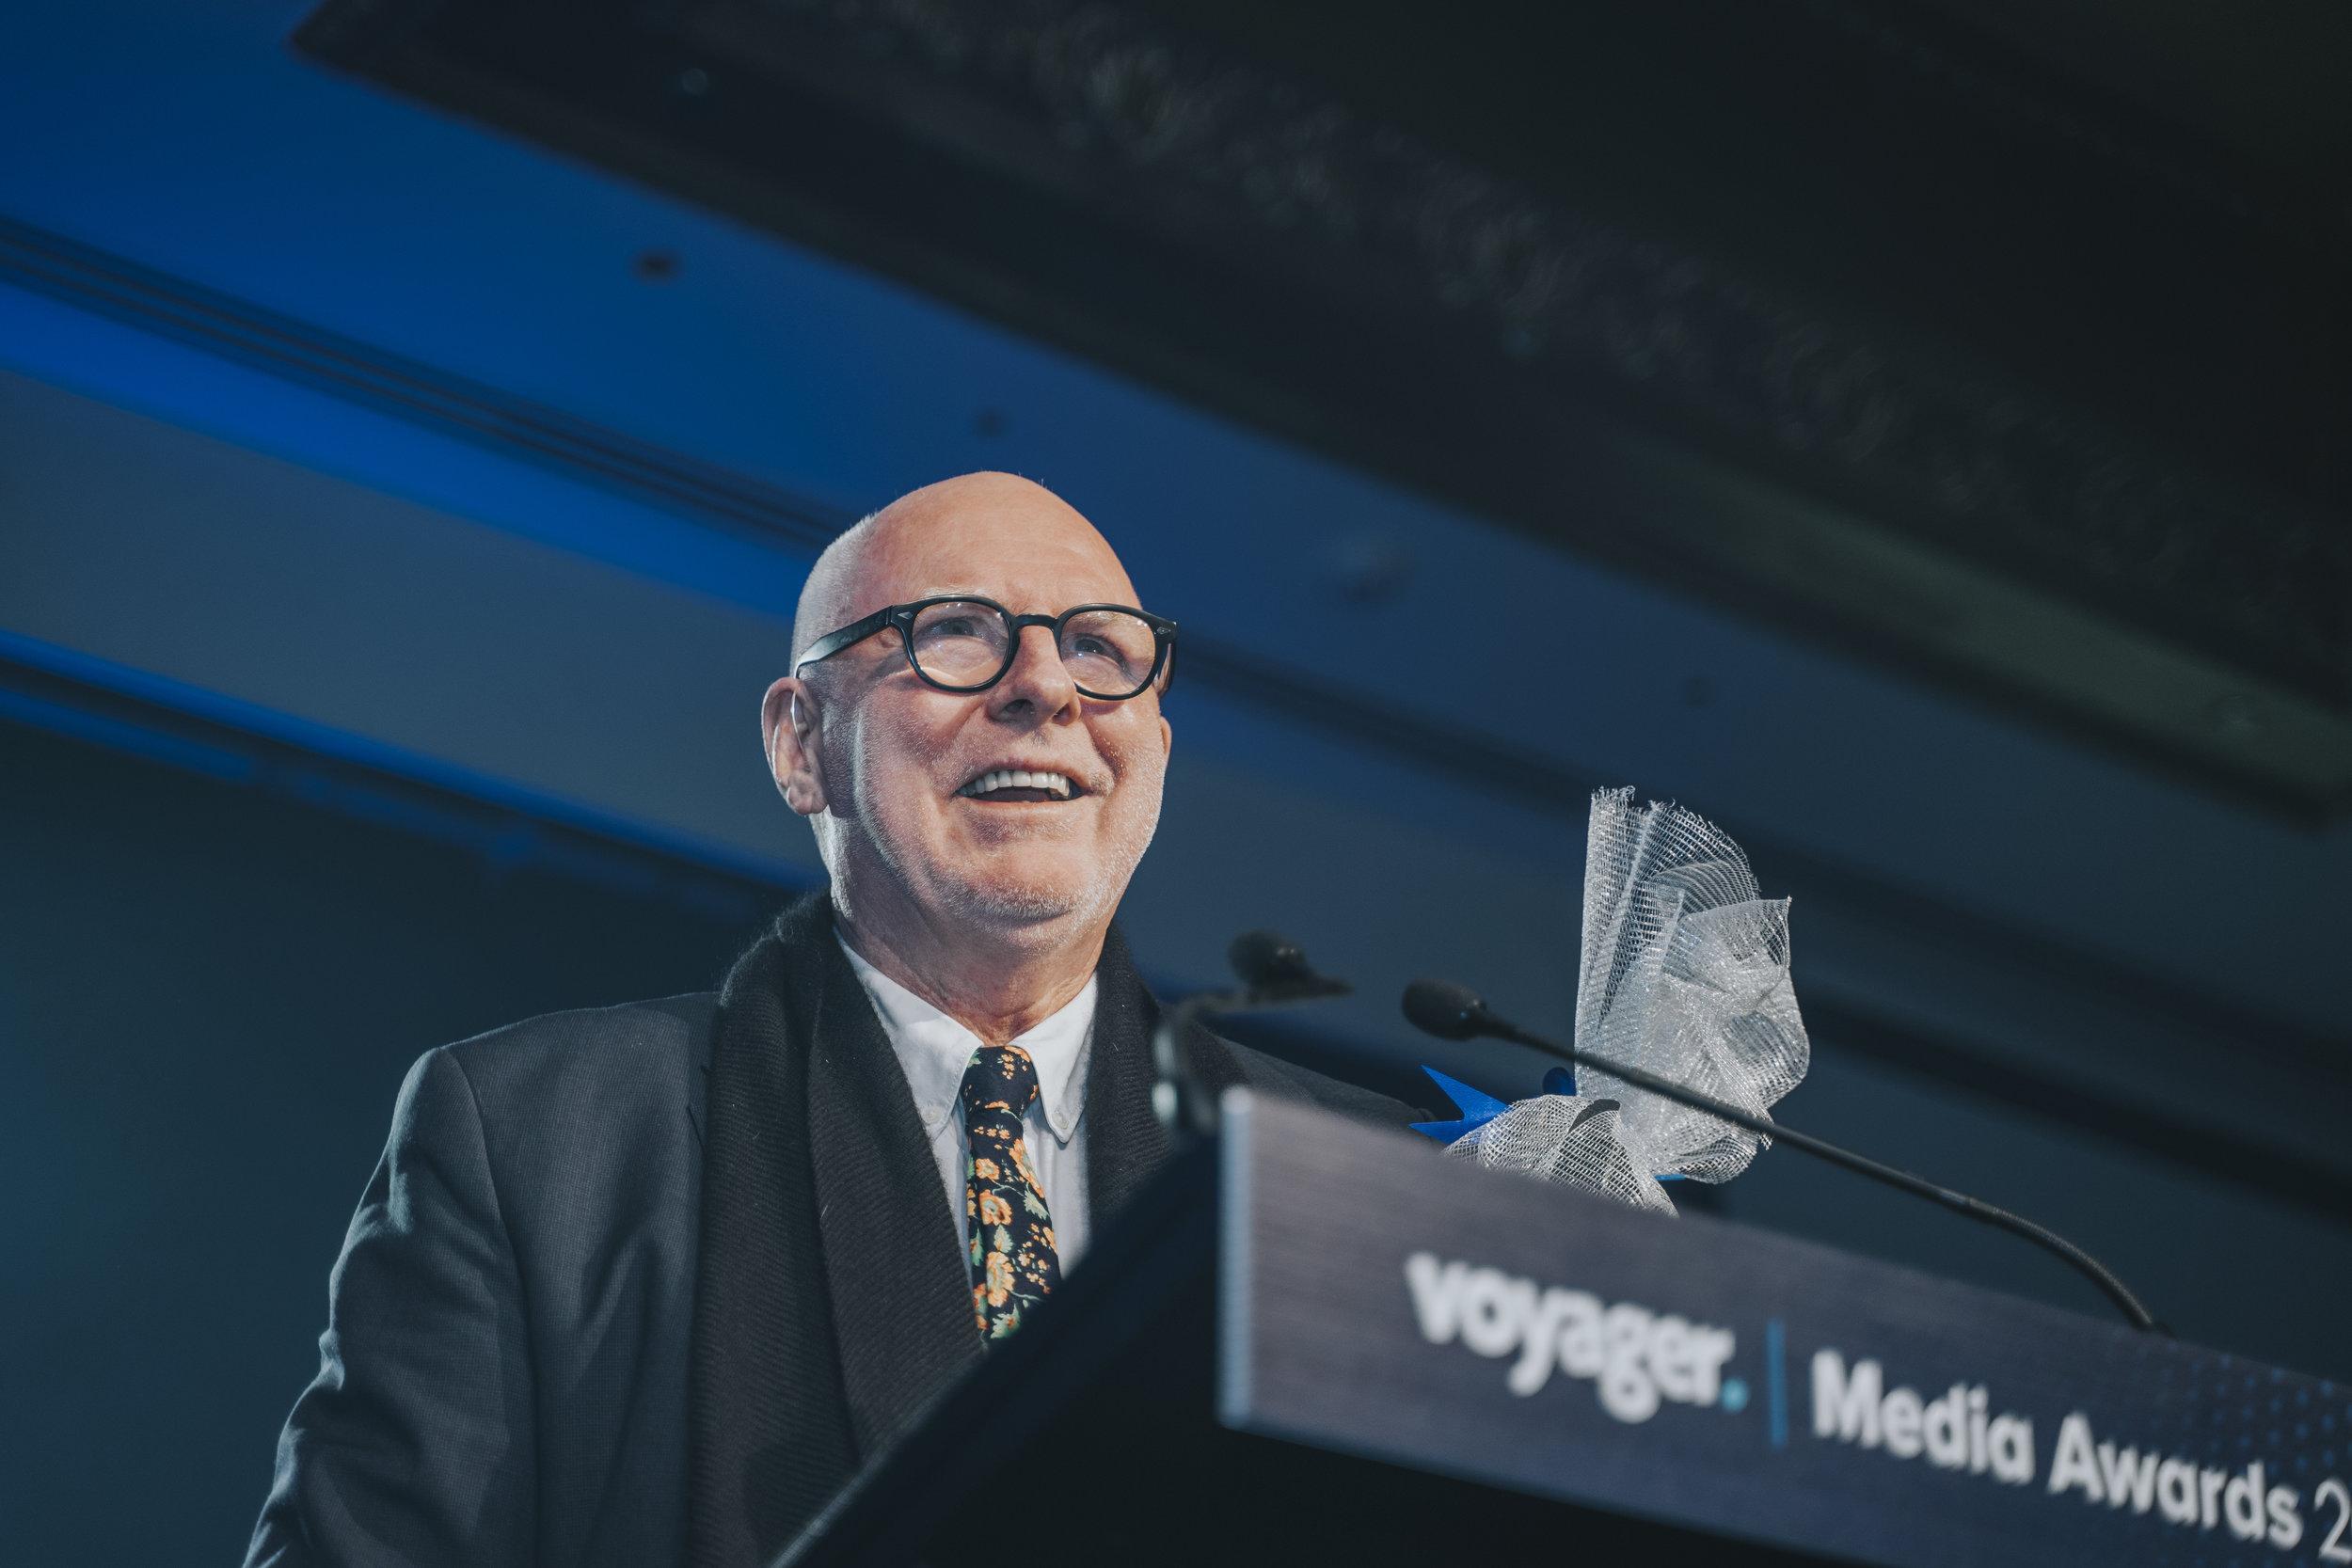 Voyager Media Awards 2018-255.JPG